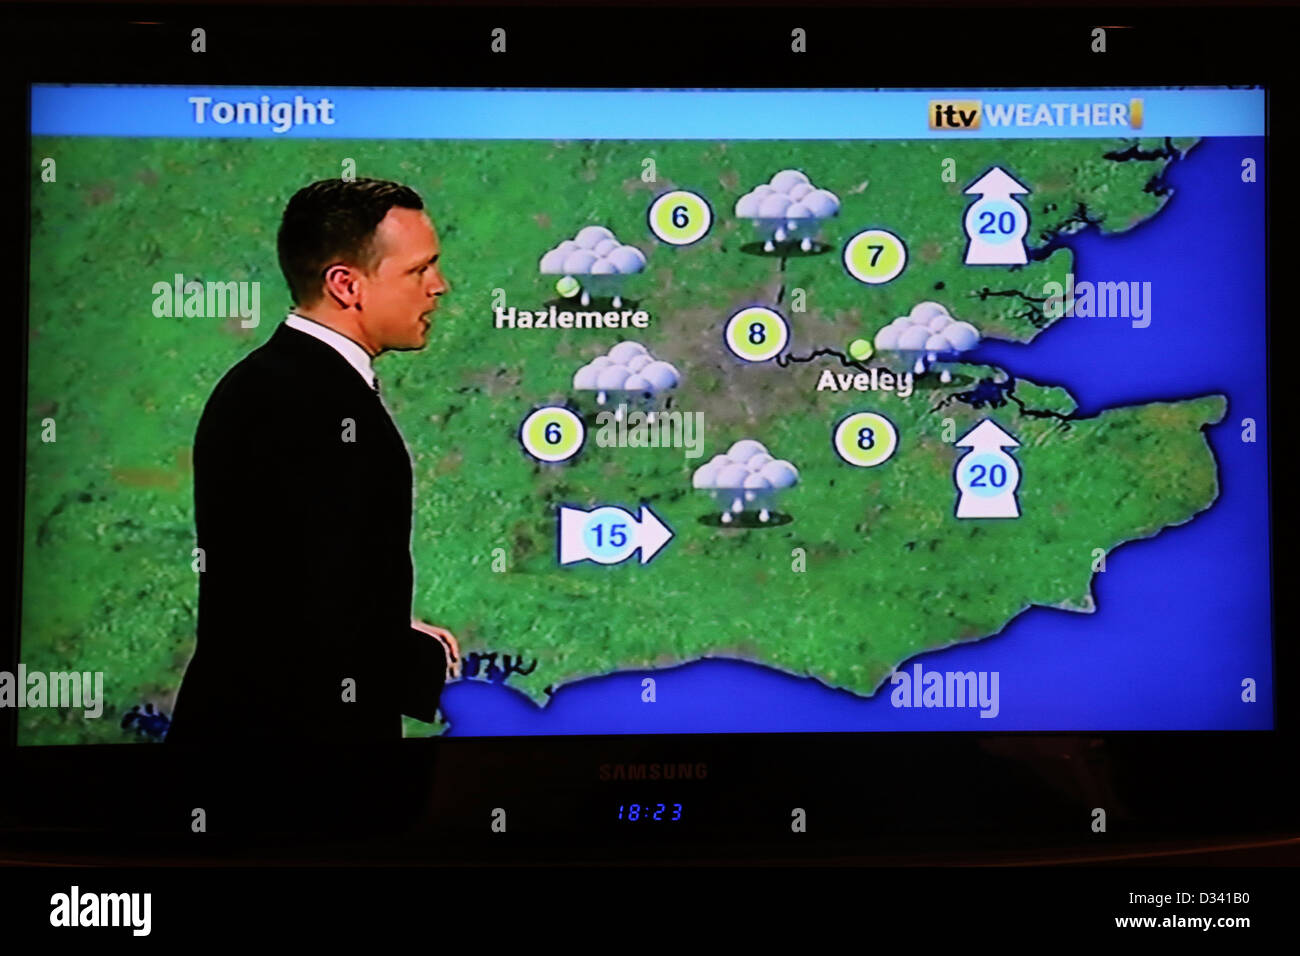 Wettervorhersage auf Samsung Flachbild-TV Stockbild